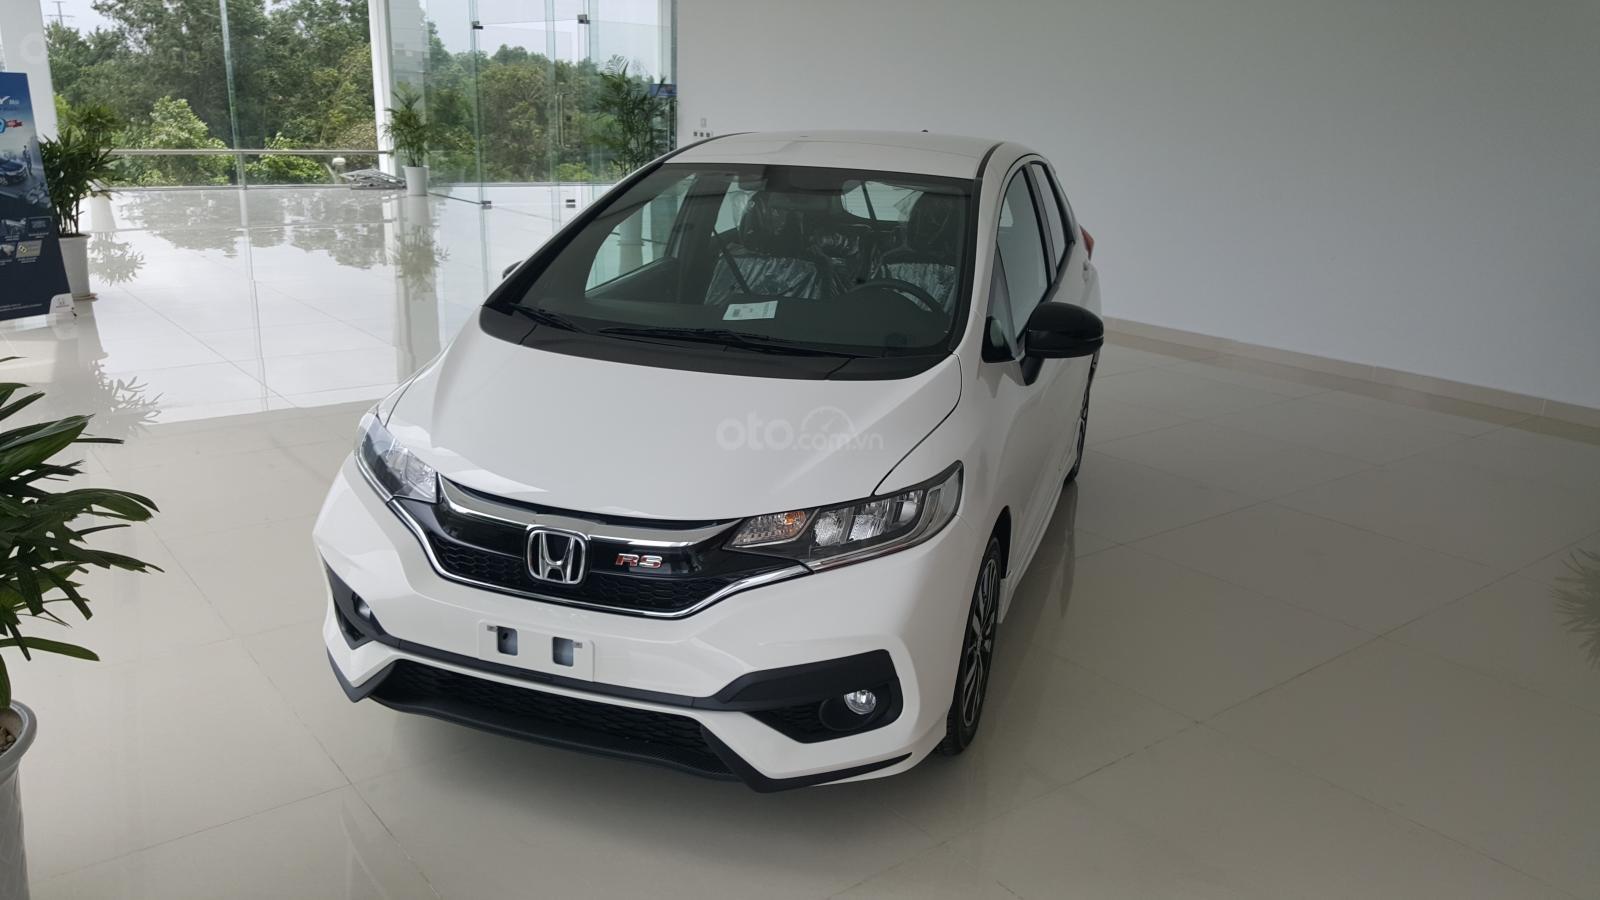 [SG] Bán Honda Jazz, màu trắng - Nhập Thái Lan - Tặng hơn 100 triệu - xin LH: 0901.898.383-0